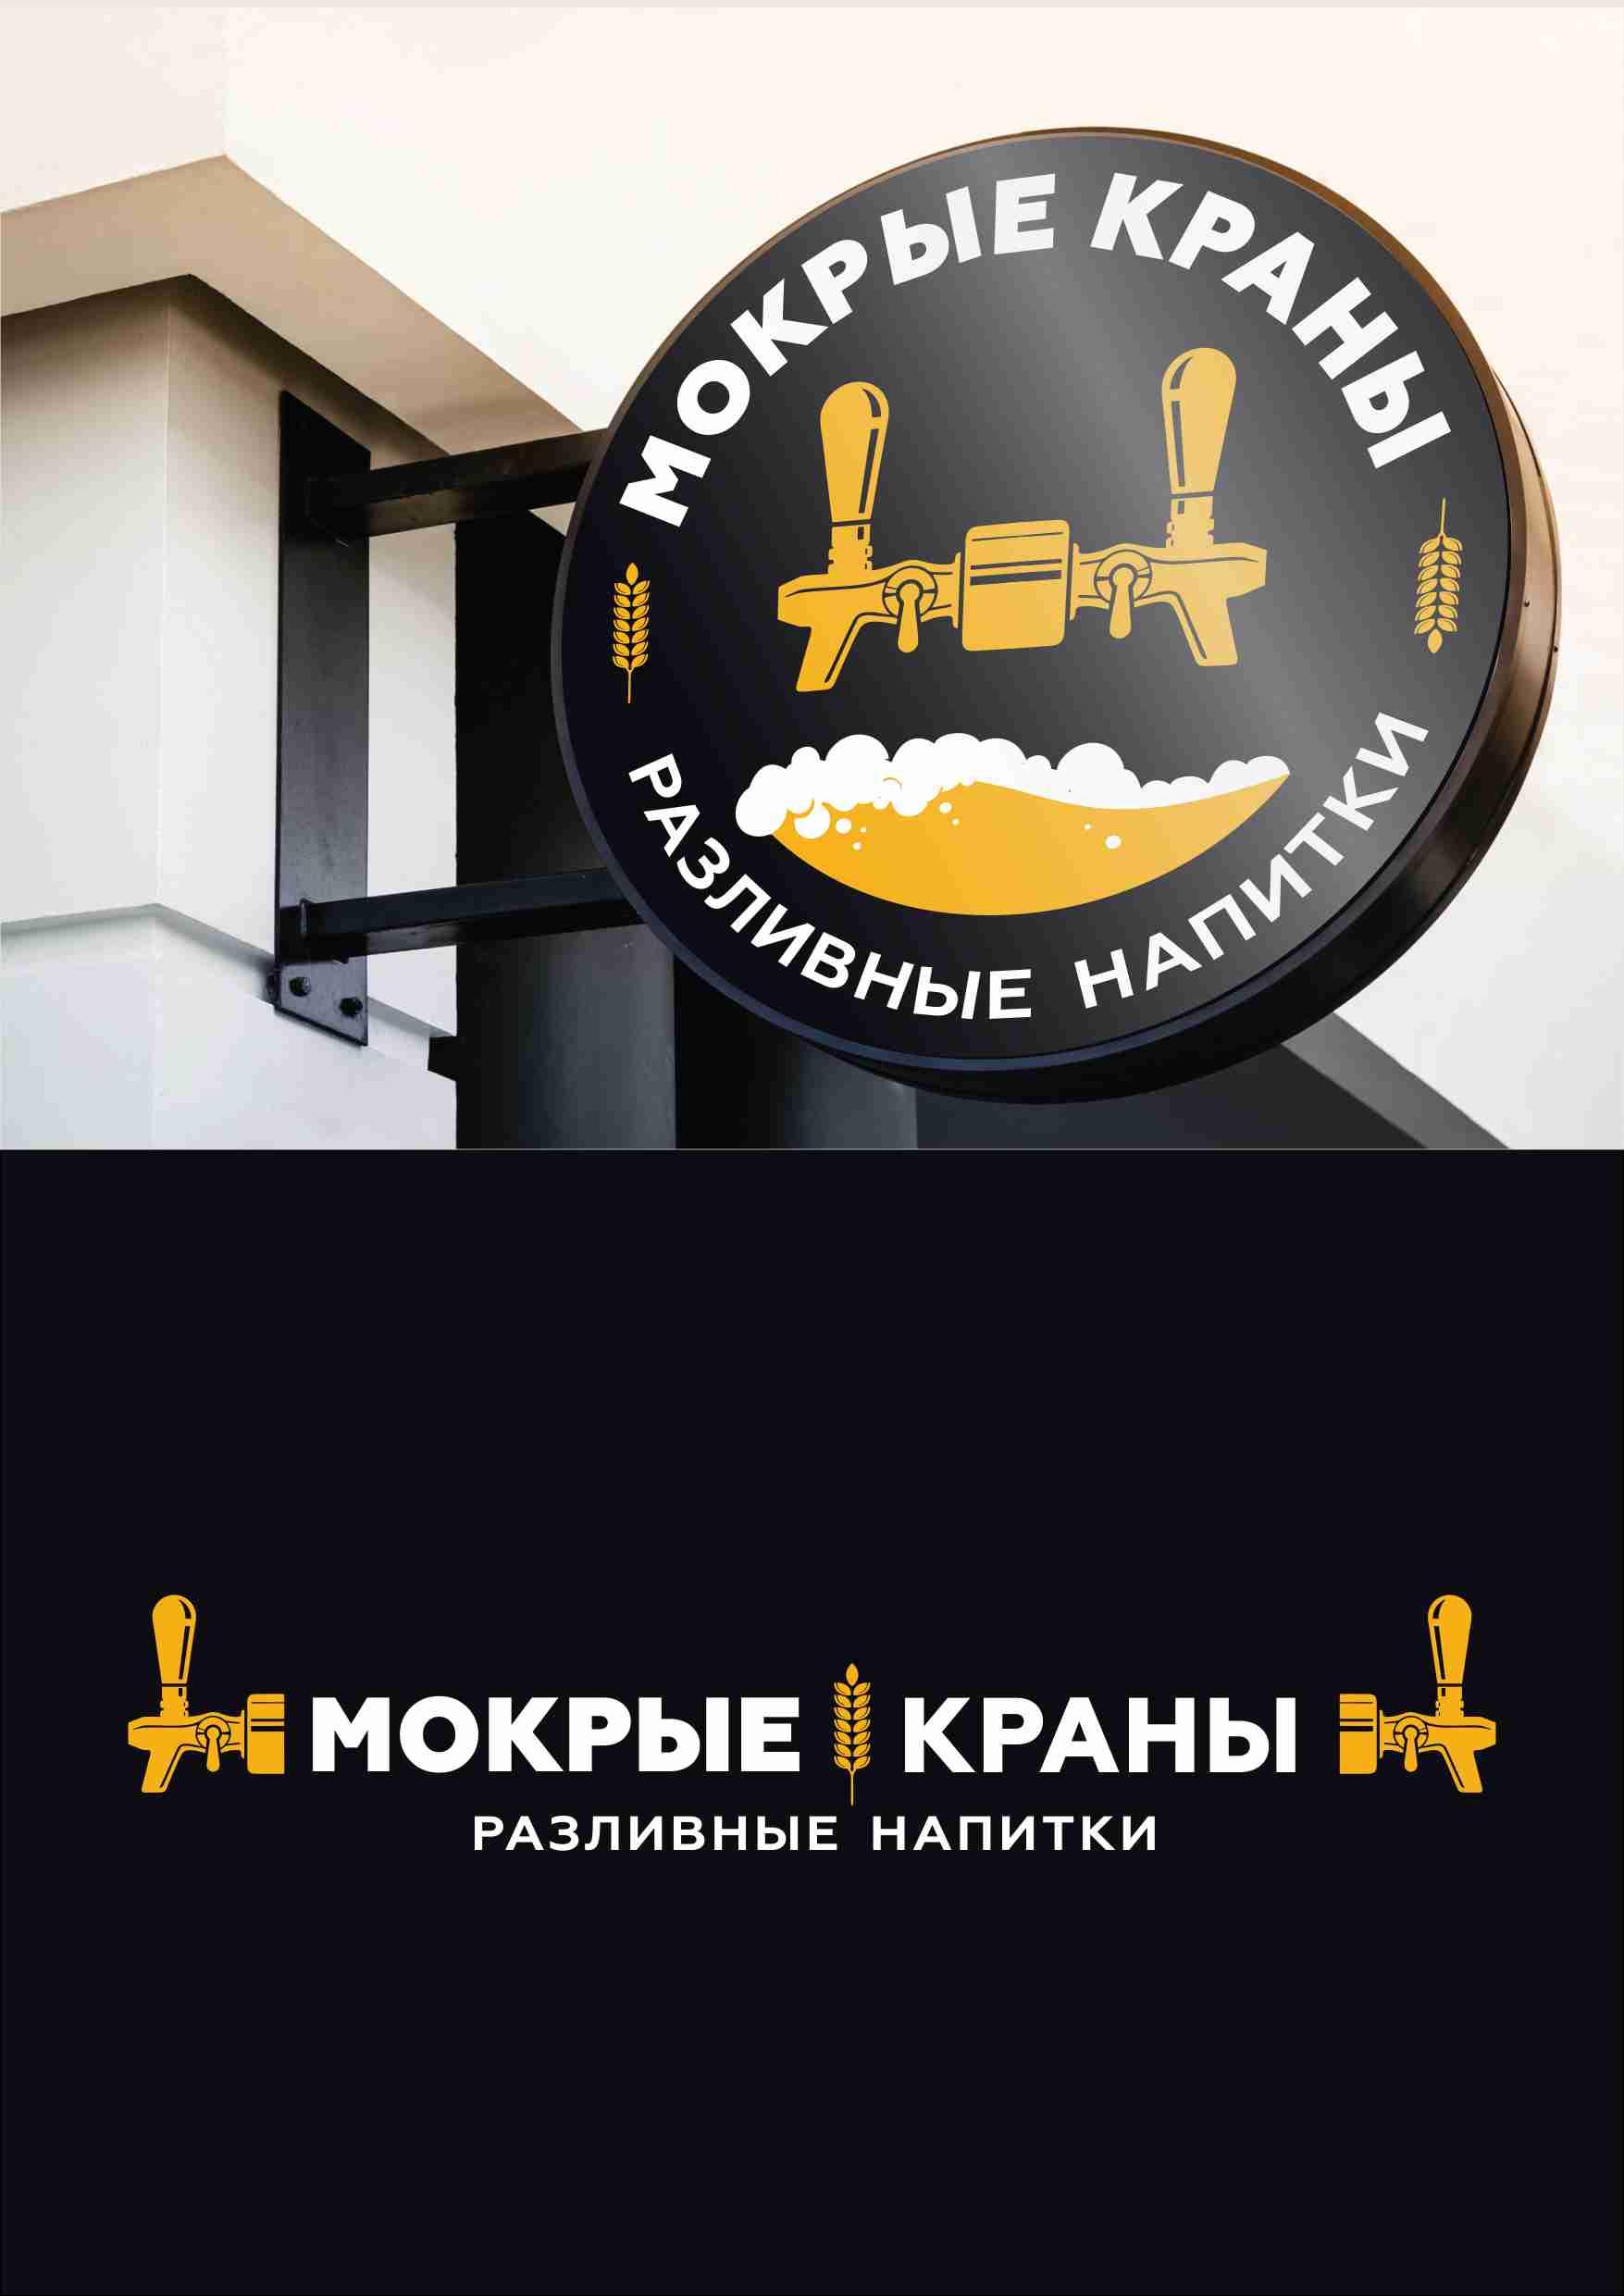 Вывеска/логотип для пивного магазина фото f_98860205efd9d187.jpg